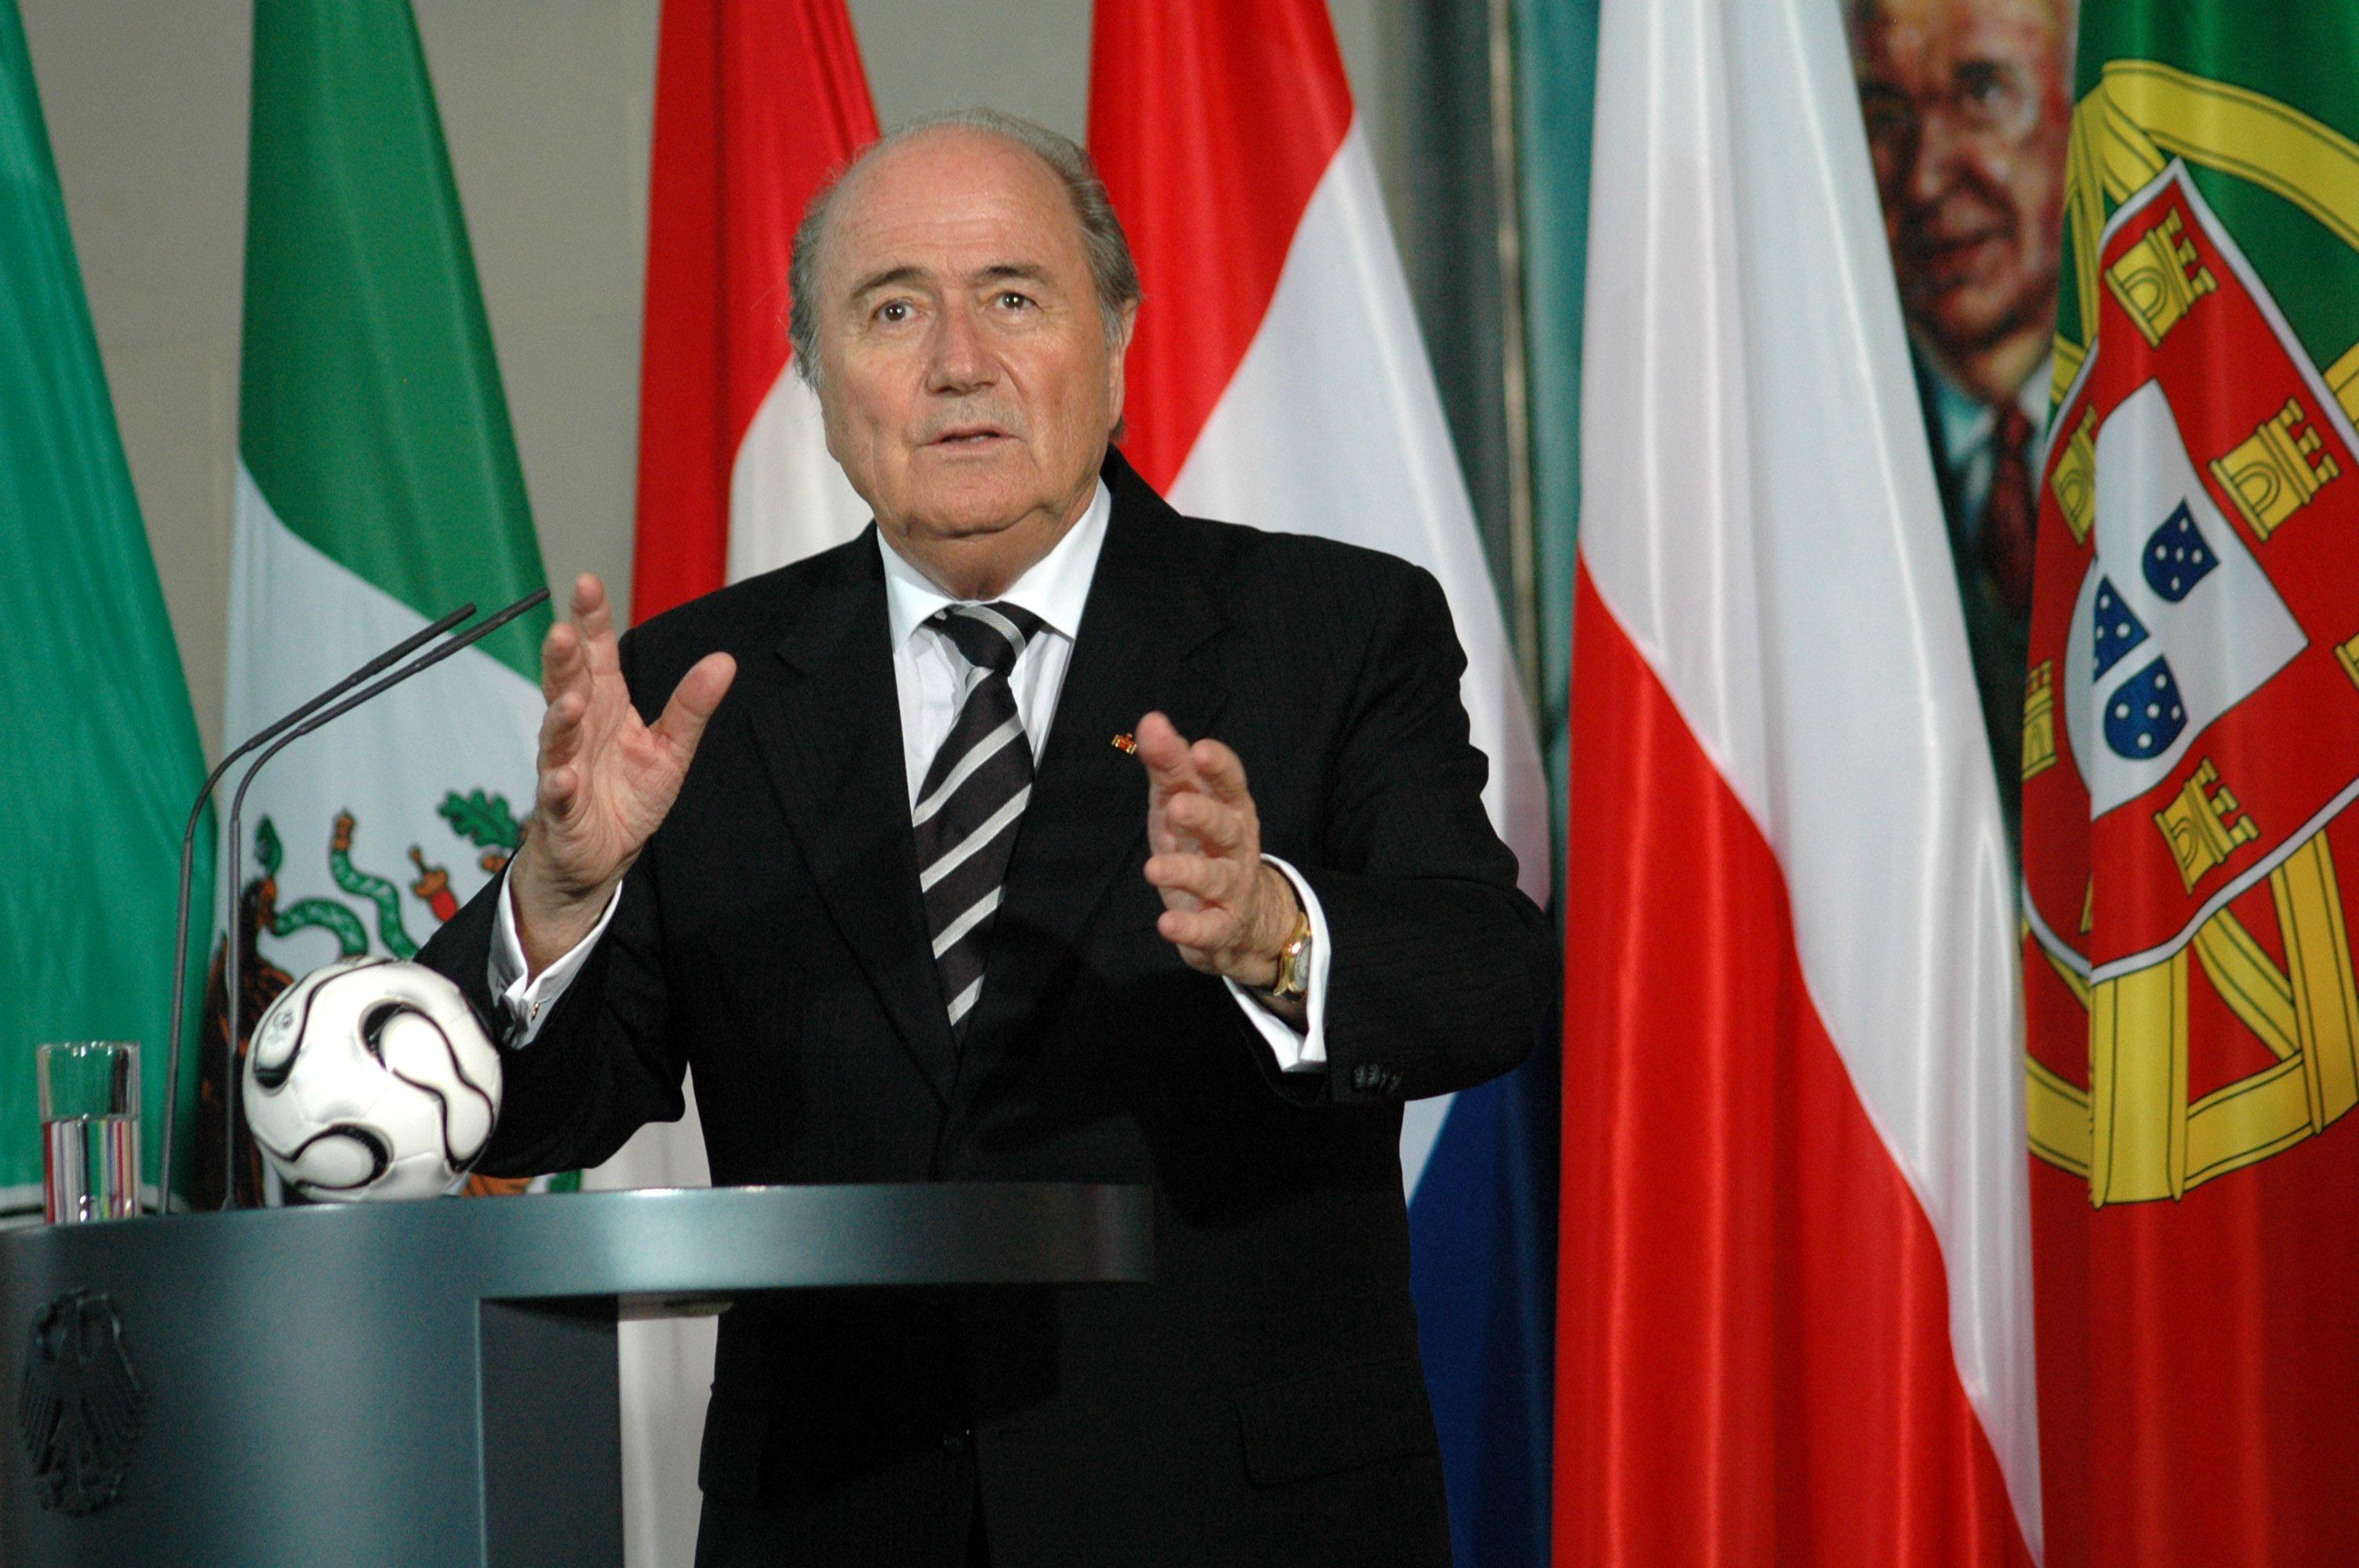 7. Sepp Blatter on Women's Football